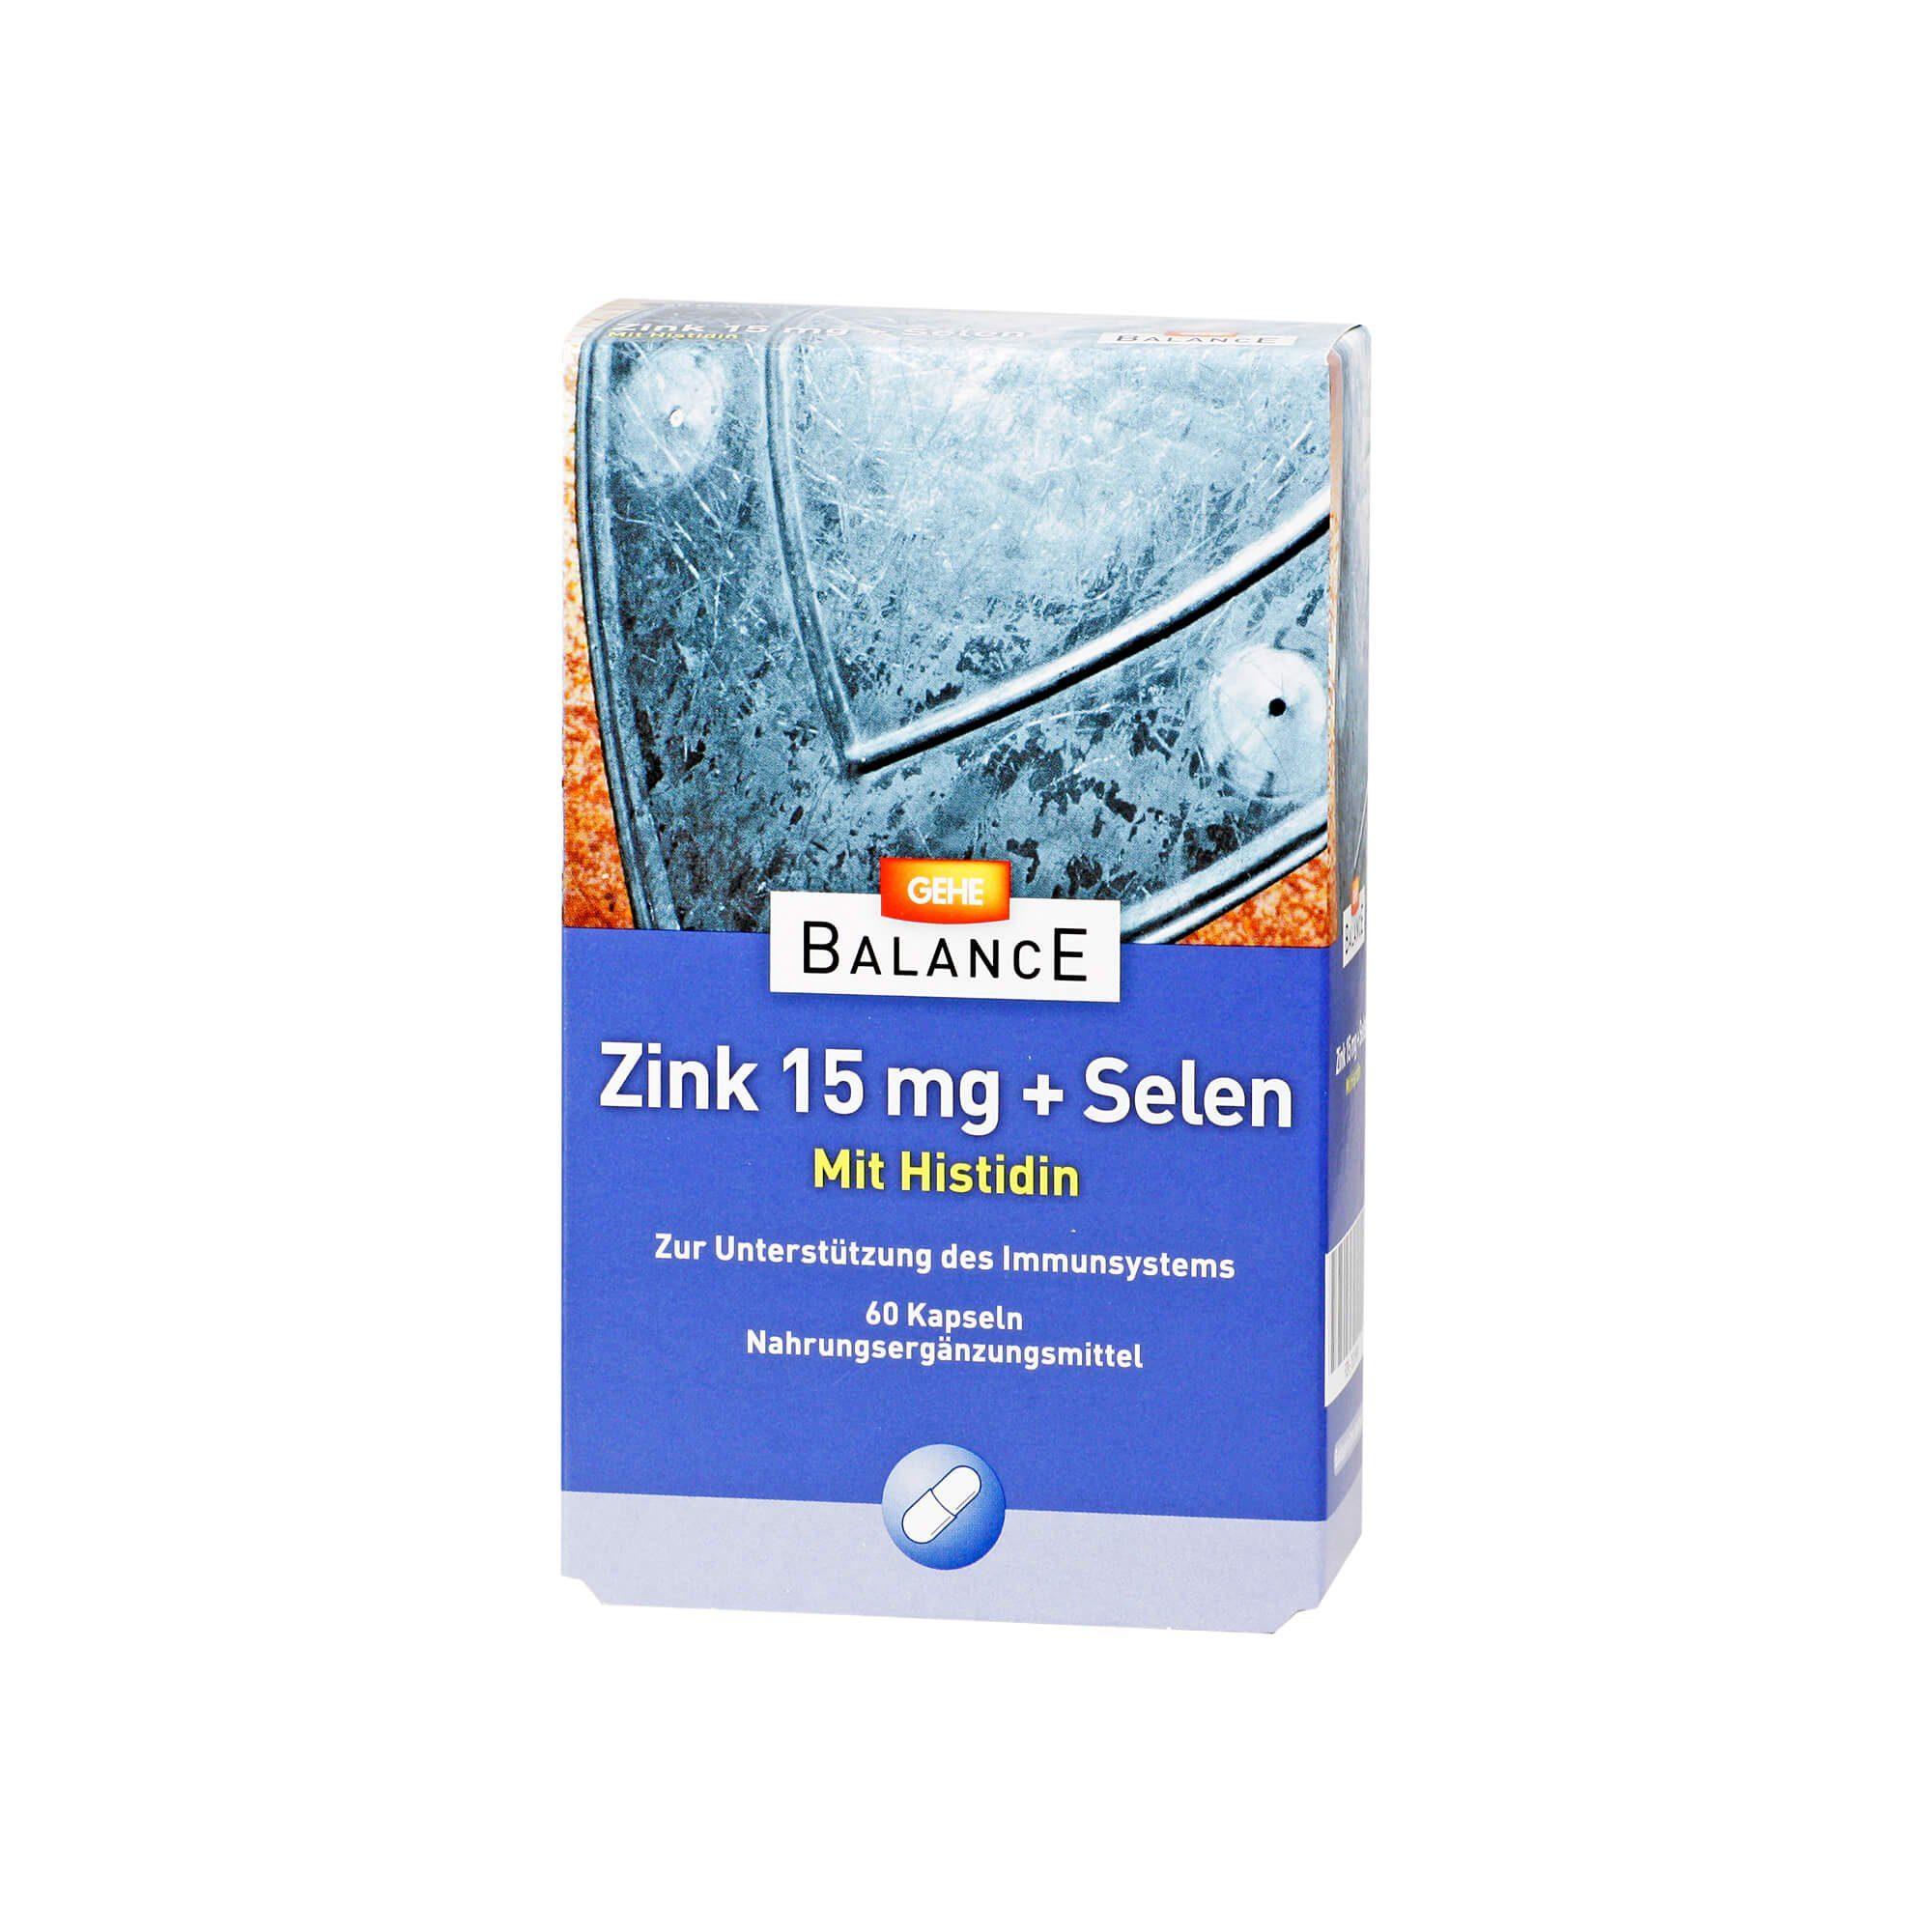 Gehe Balance Zink 15 mg+Selen Kapseln , 60 St